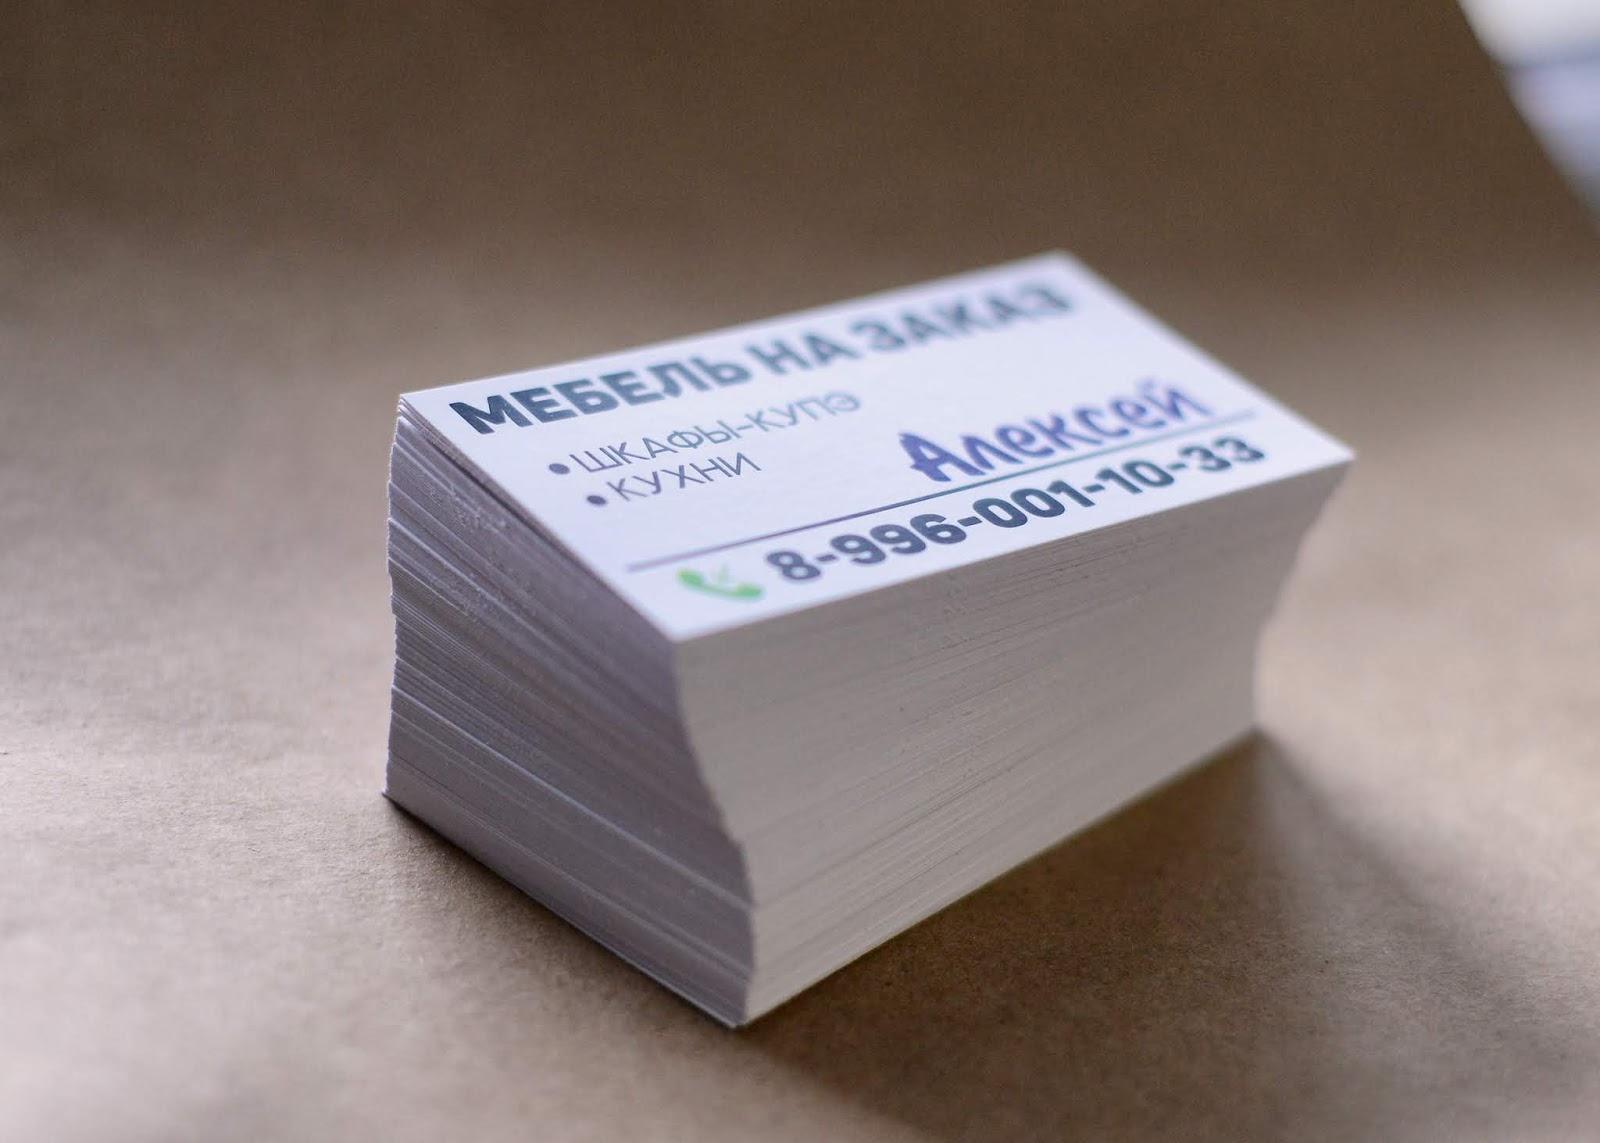 Типография открытки нижний новгород, сыночку месяца